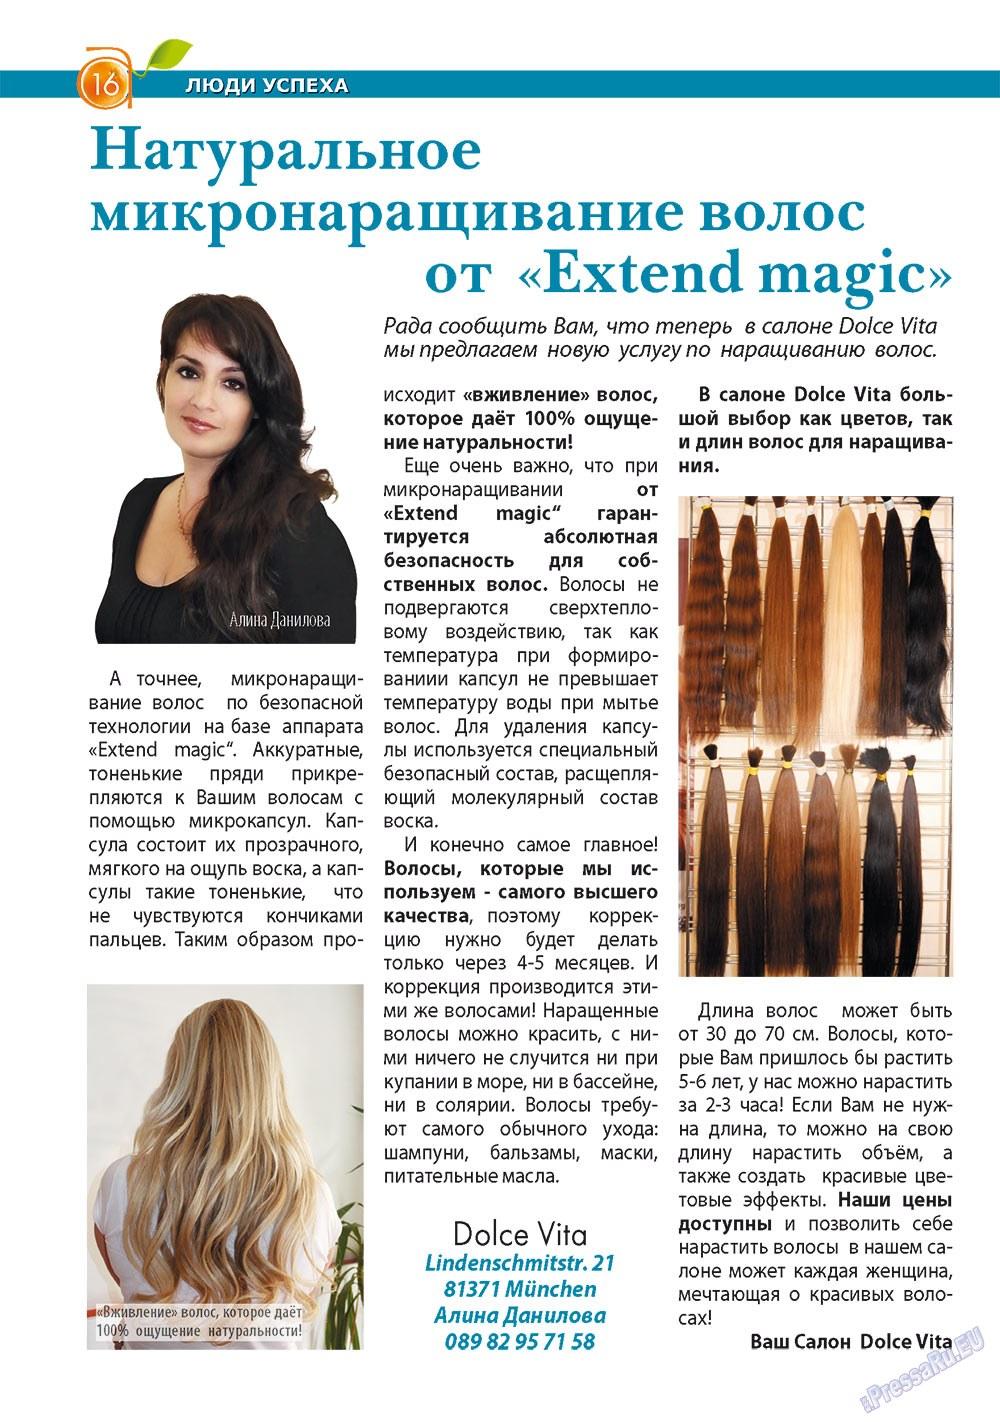 Апельсин (журнал). 2011 год, номер 24, стр. 16